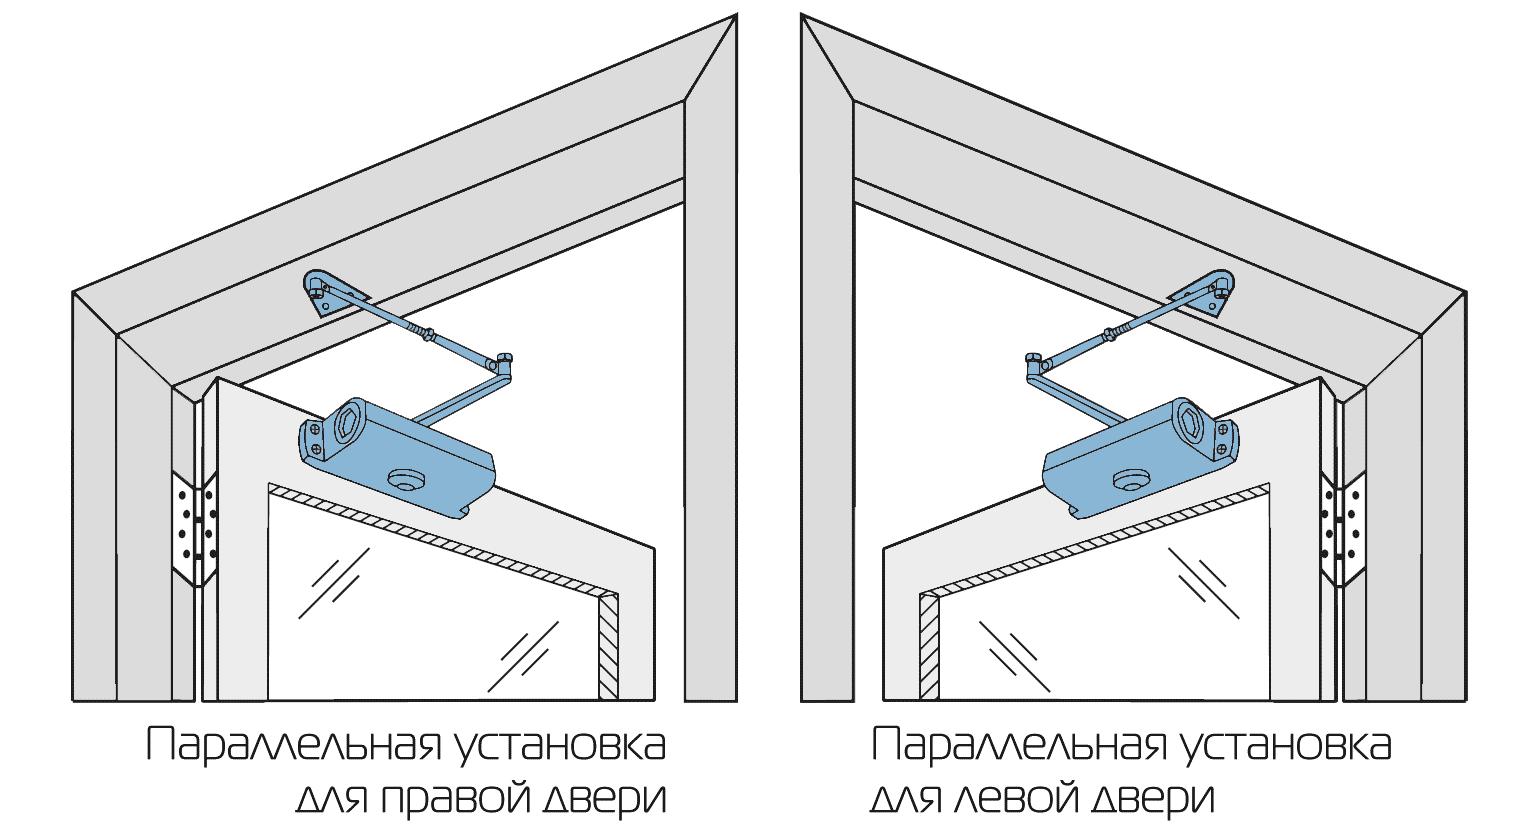 Как установить доводчик на дверь: инструкция и видео